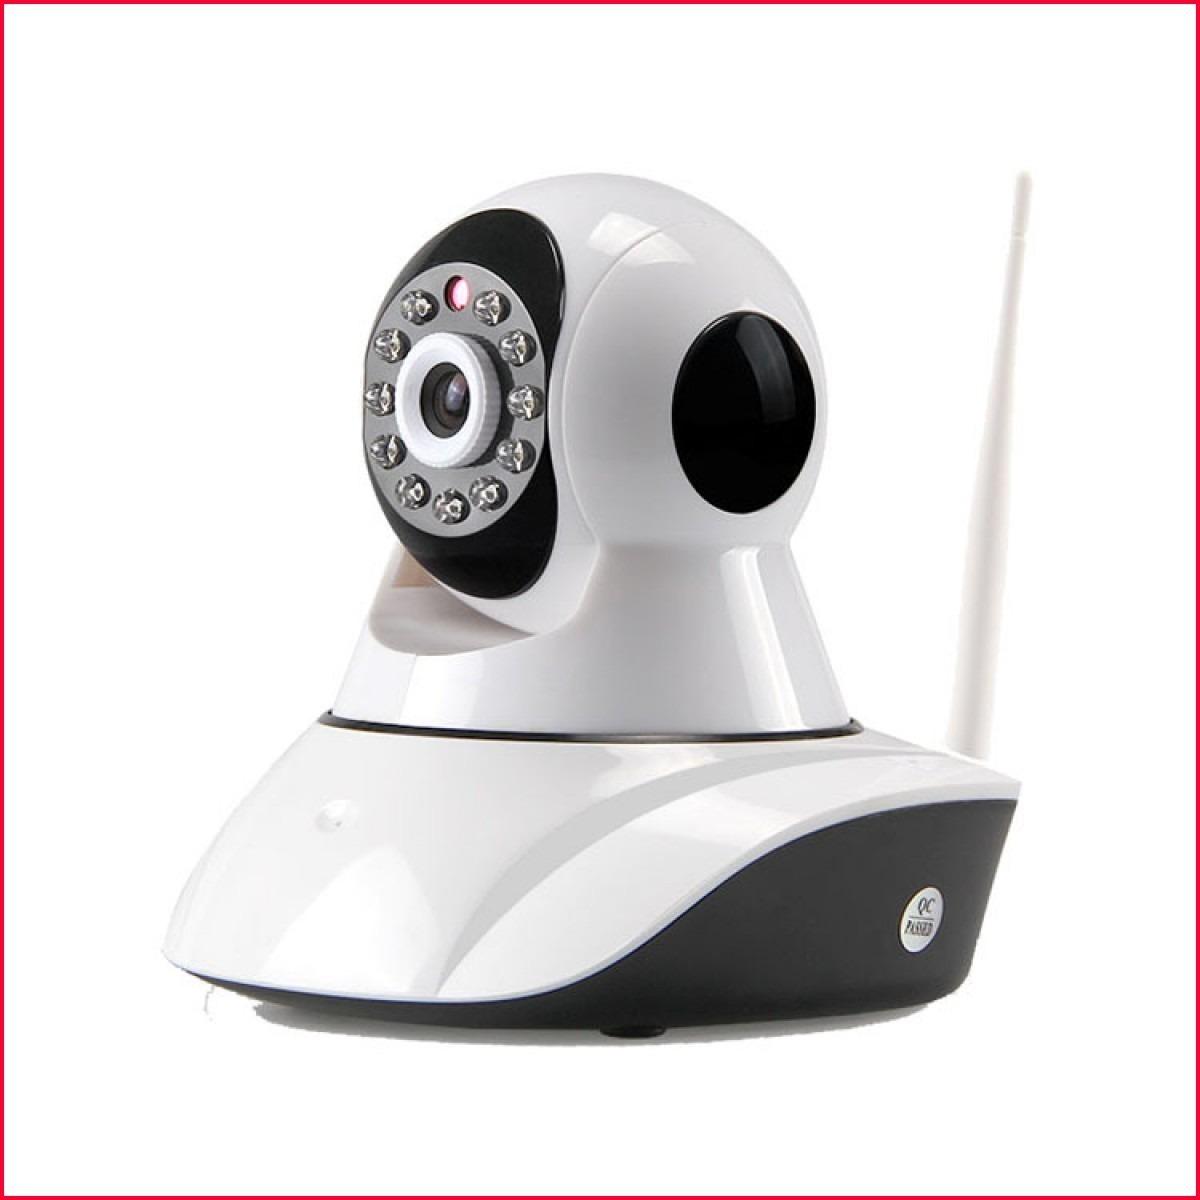 Camara Ip 360 Wifi Gira 360 Habla Y Escucha App Keye